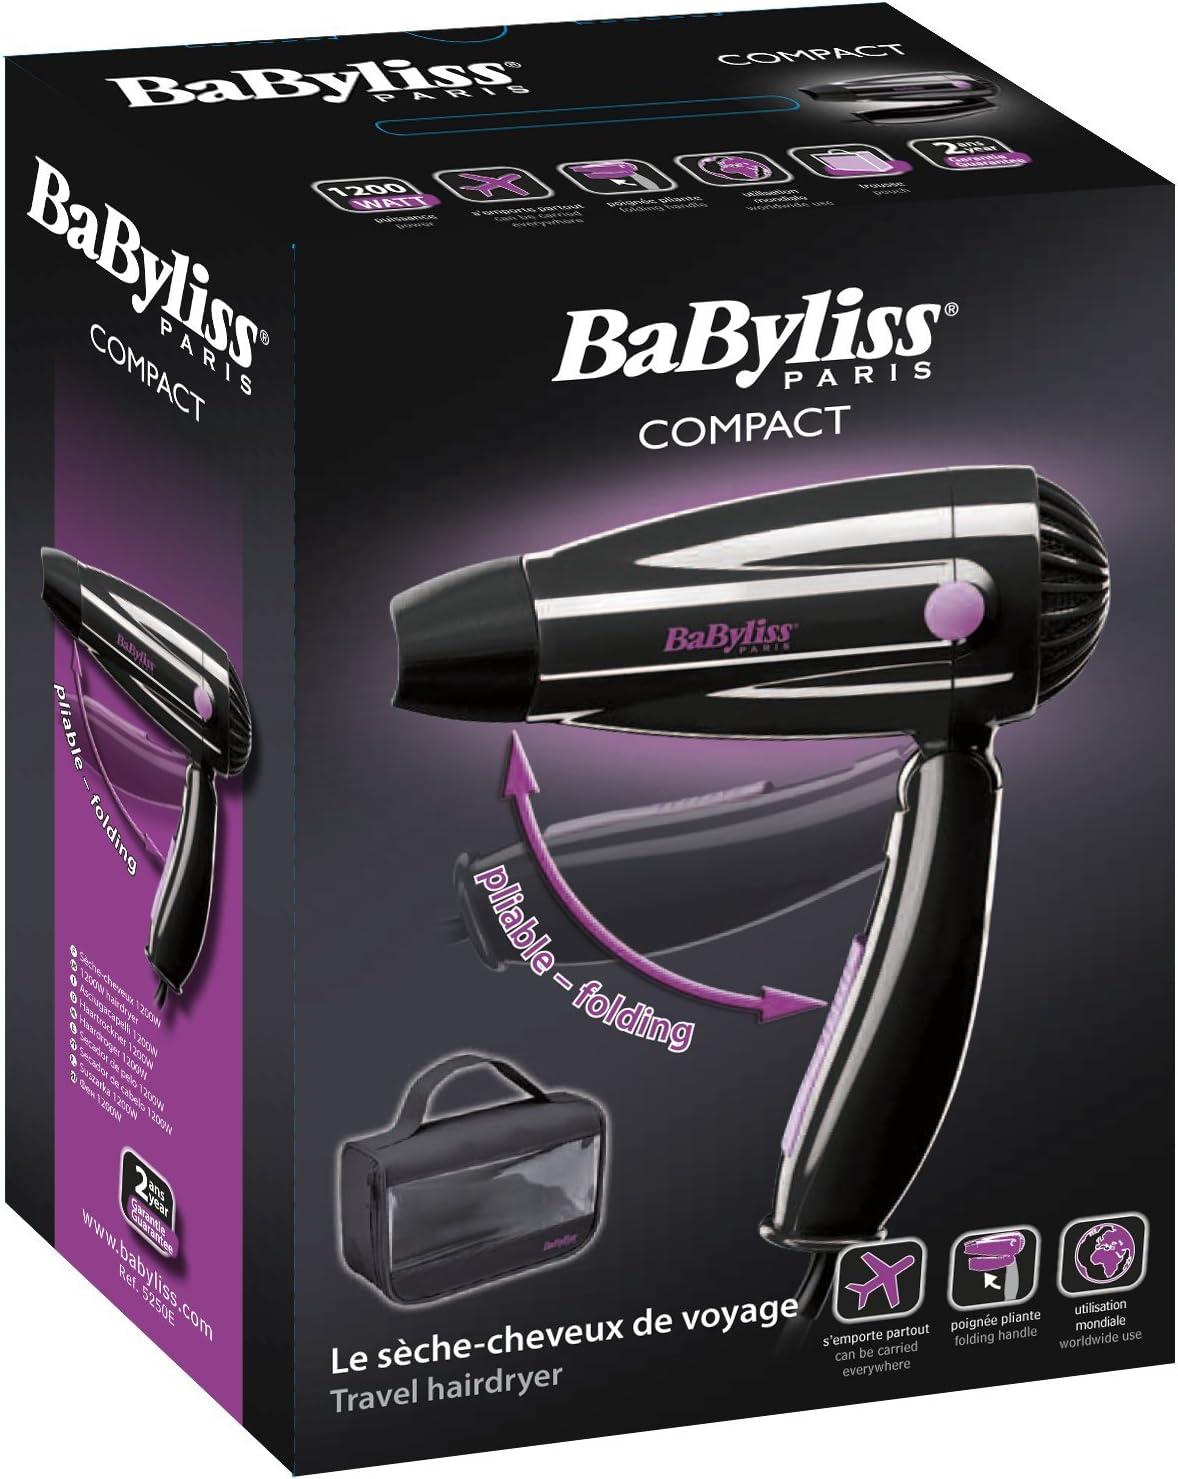 Babyliss 5250E Sèche cheveux de Voyage Pliant: